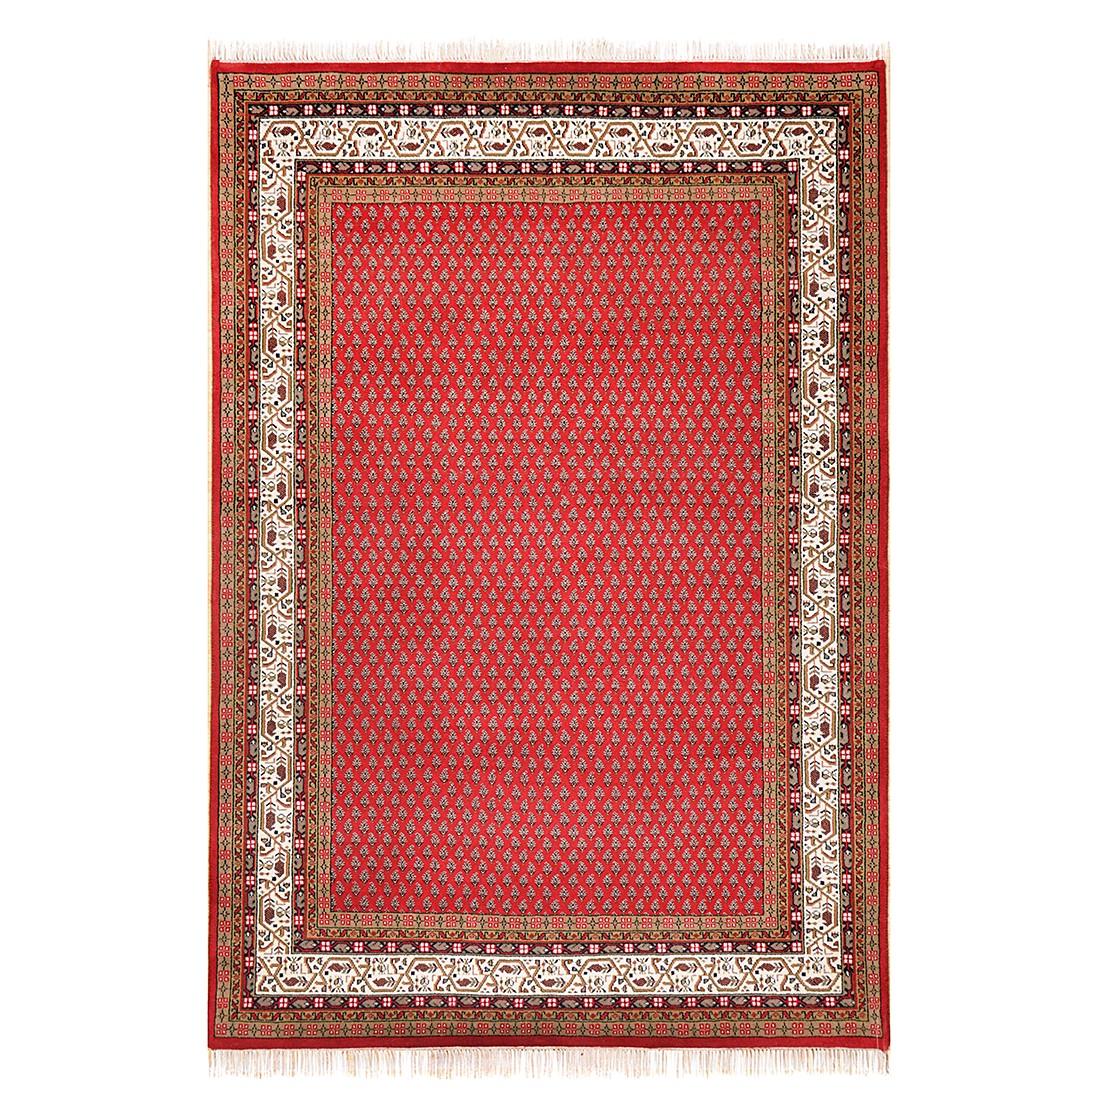 Teppich Chandi Mir - Wolle/Rot - 250 cm x 350 cm, Theko die markenteppiche